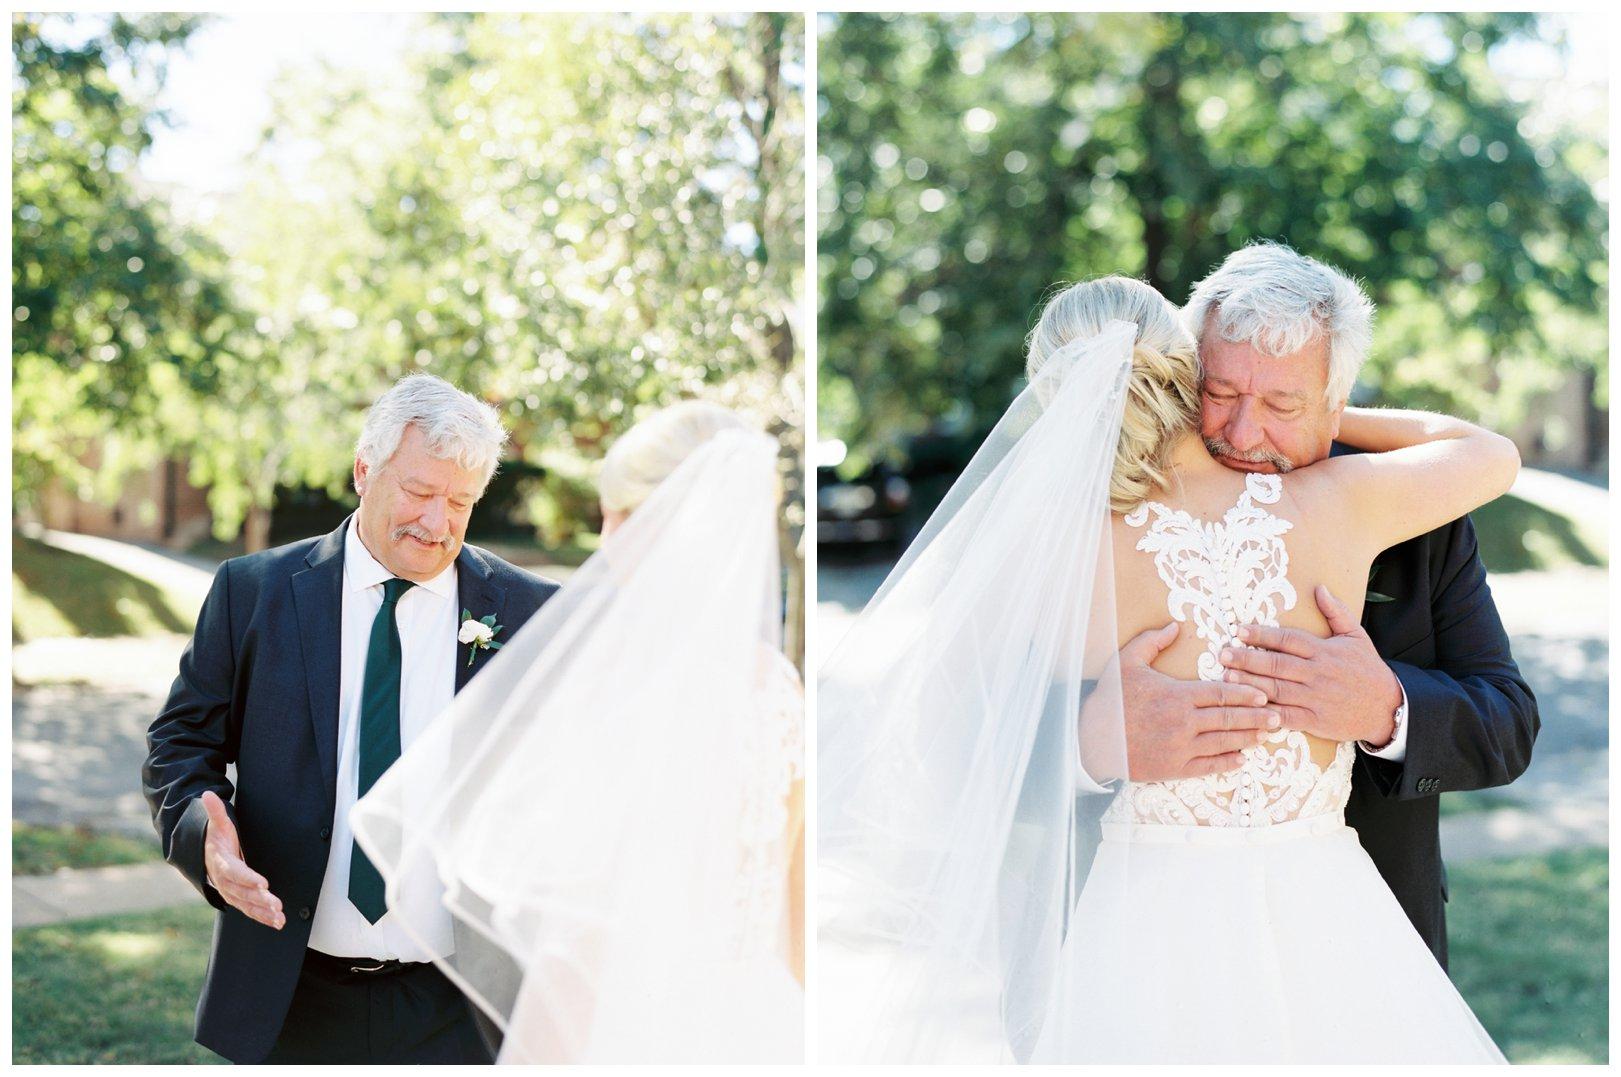 lauren muckler photography_fine art film wedding photography_st louis_photography_2417.jpg